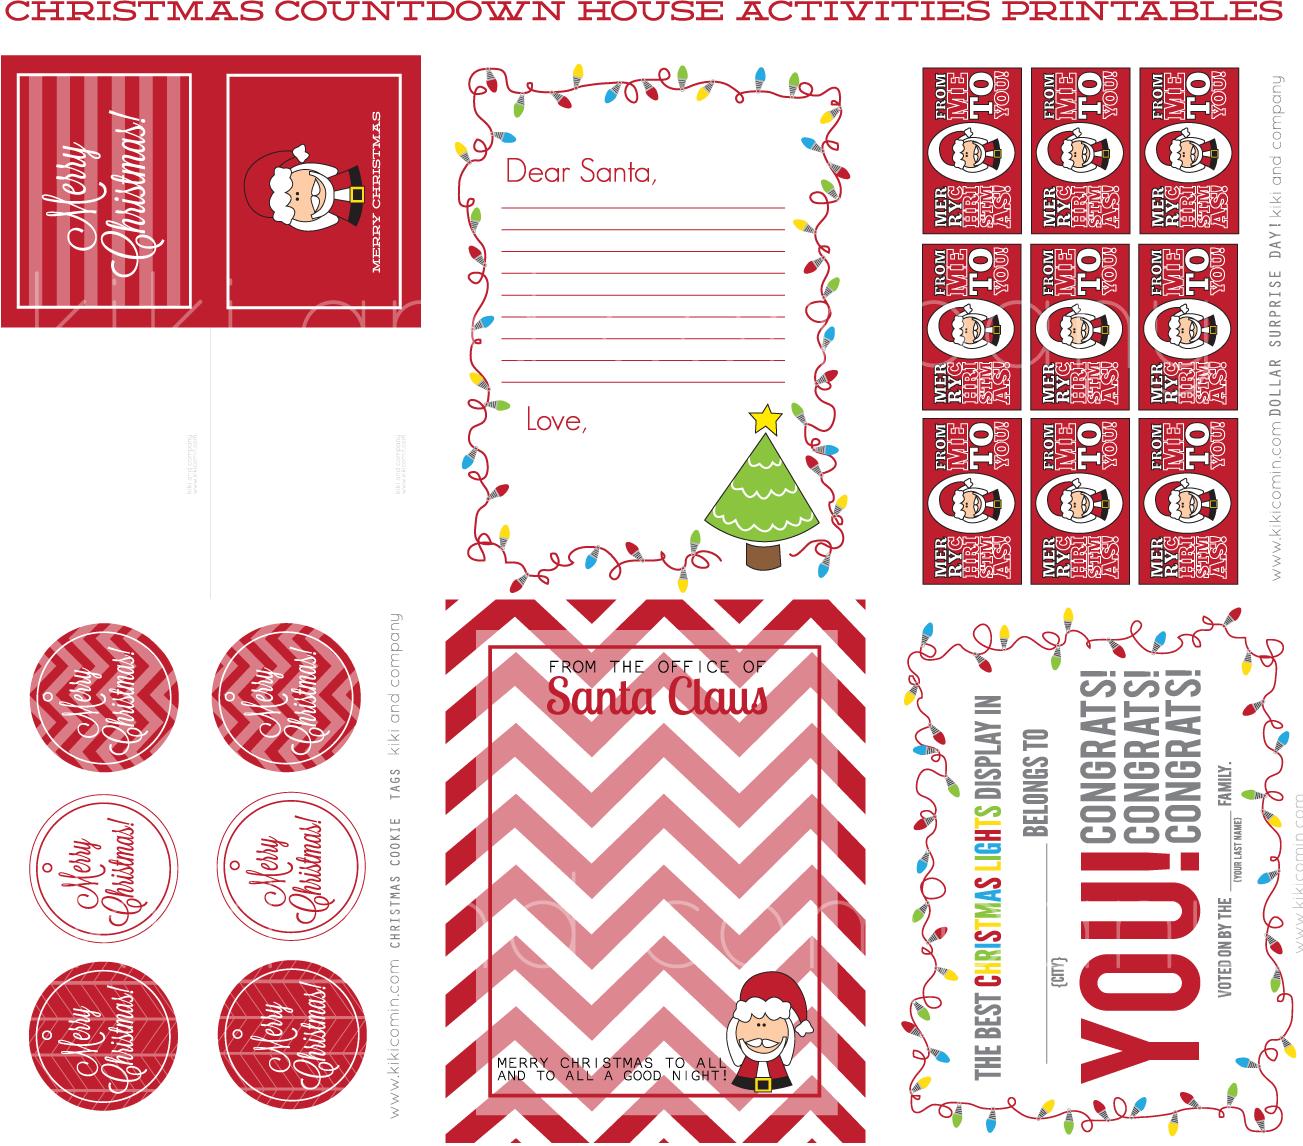 Printable Christmas Countdown Christmas countdown house